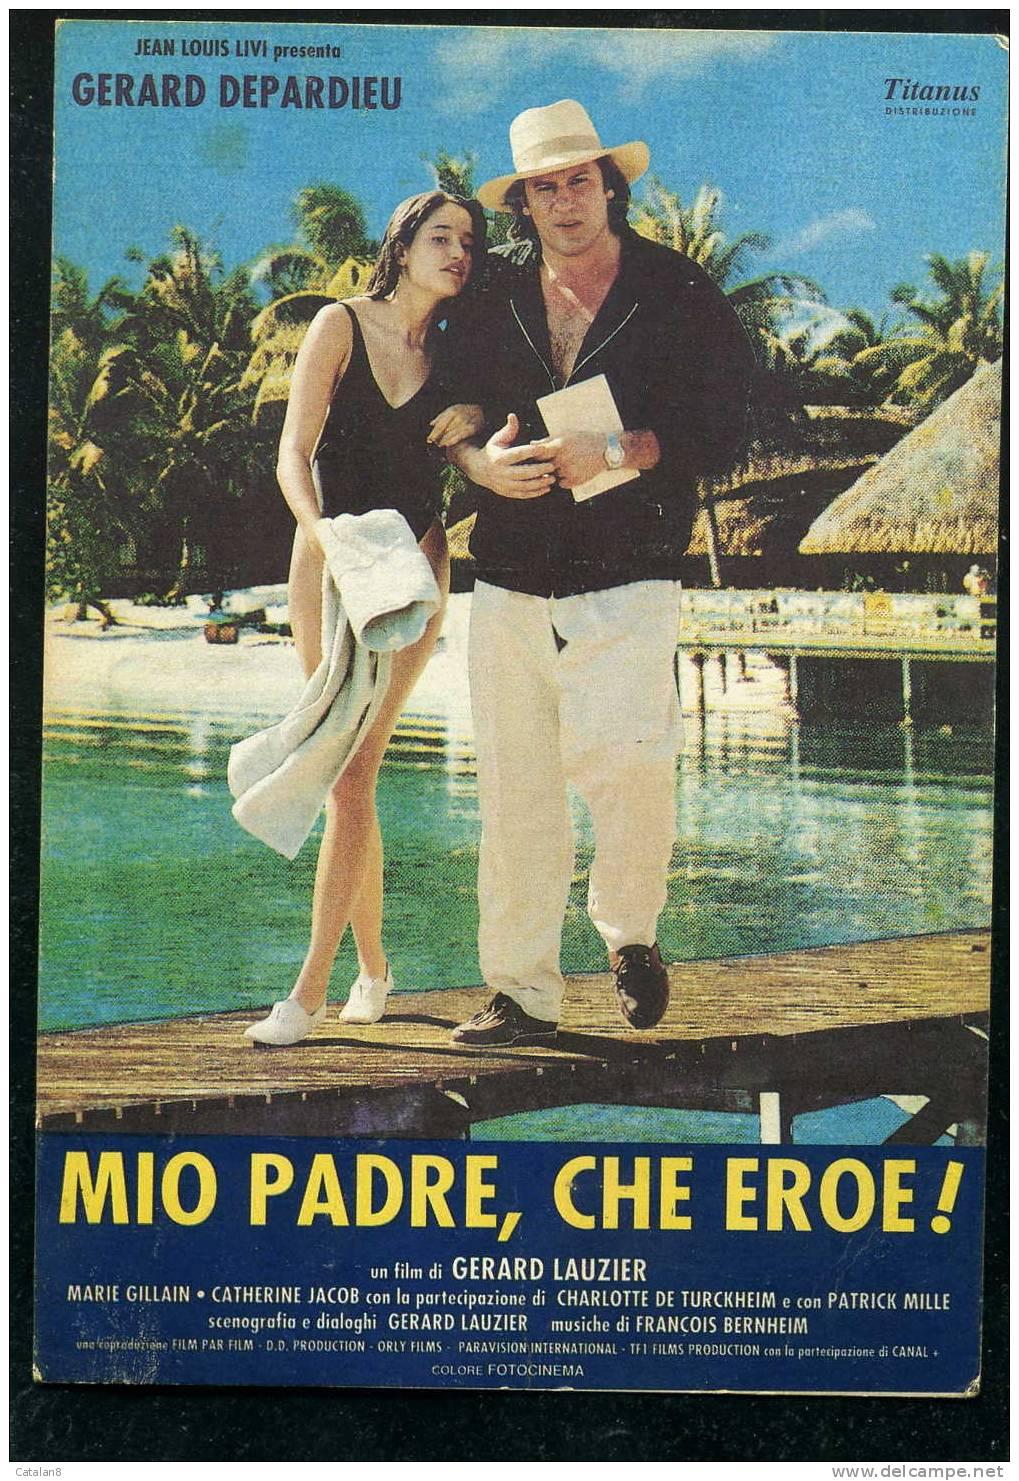 F943 LOCANDINA PUBBLICITA' CINEMA FILM MIO PADRE CHE EROE CON GERARD DEPARDIEU - Pubblicitari